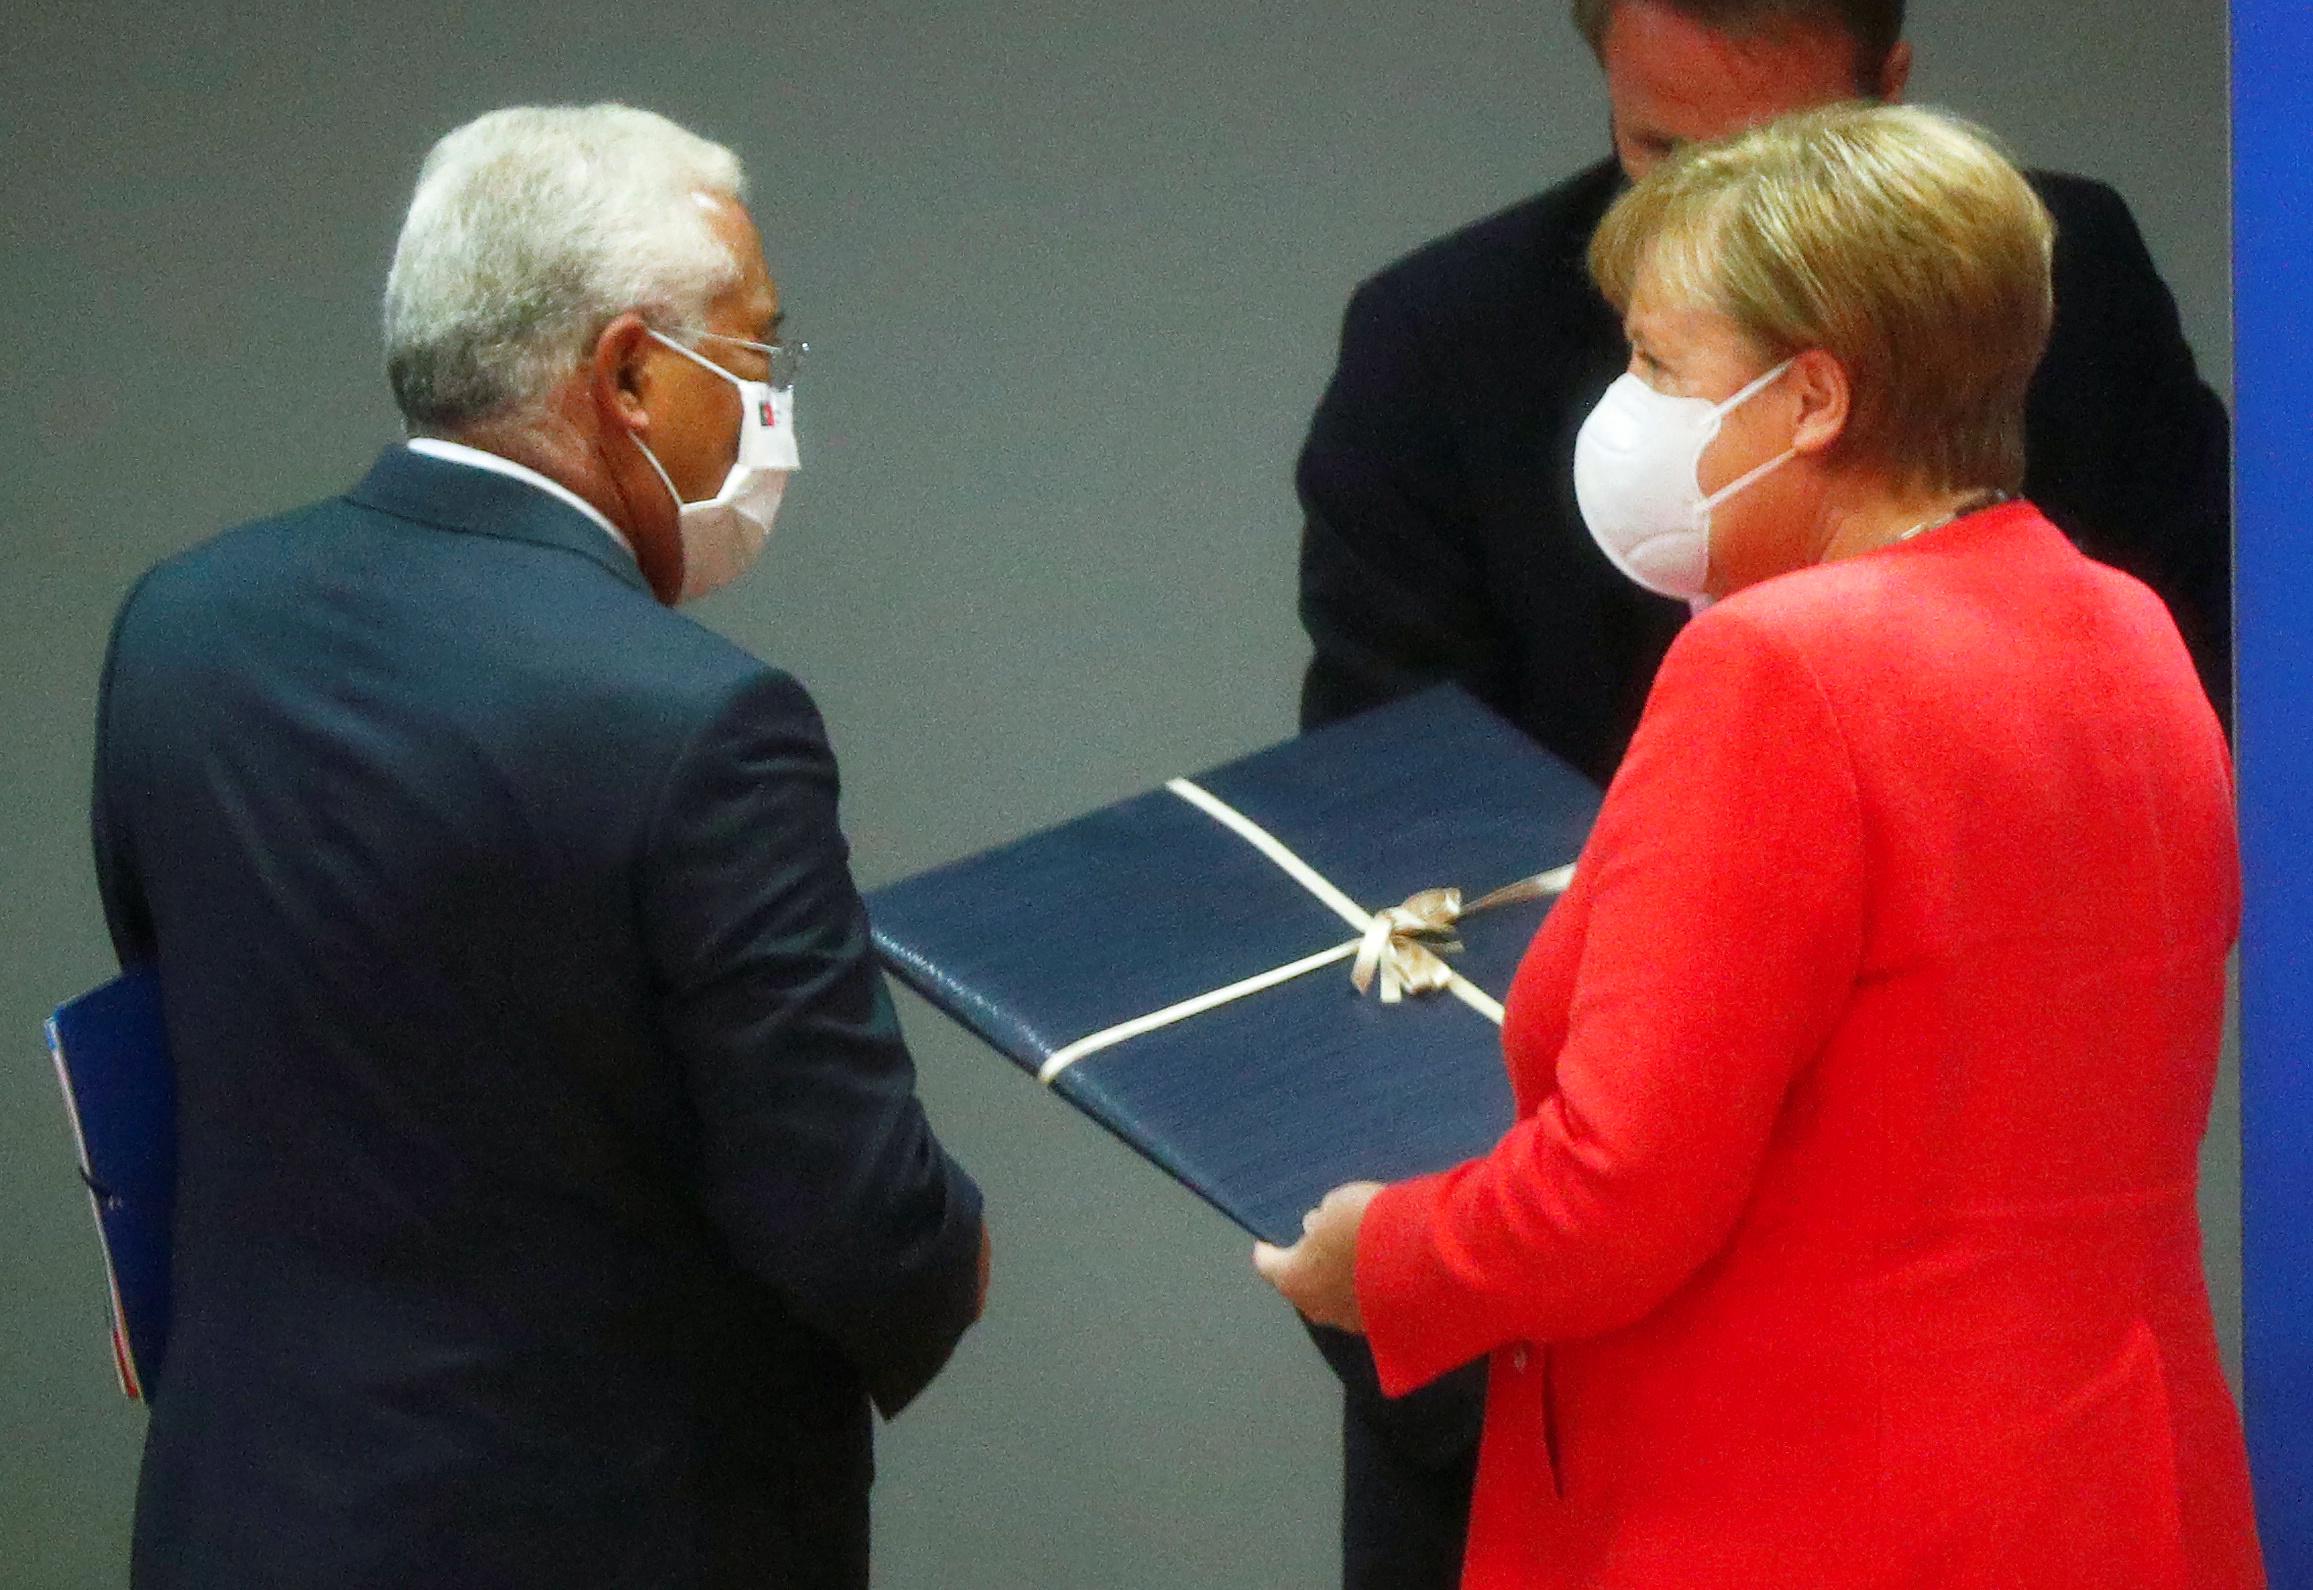 Σύνοδος Κορυφής: Η πρωθυπουργός που άλλαξε ημερομηνία γάμου και τα γενέθλια Μέρκελ και Κόστα